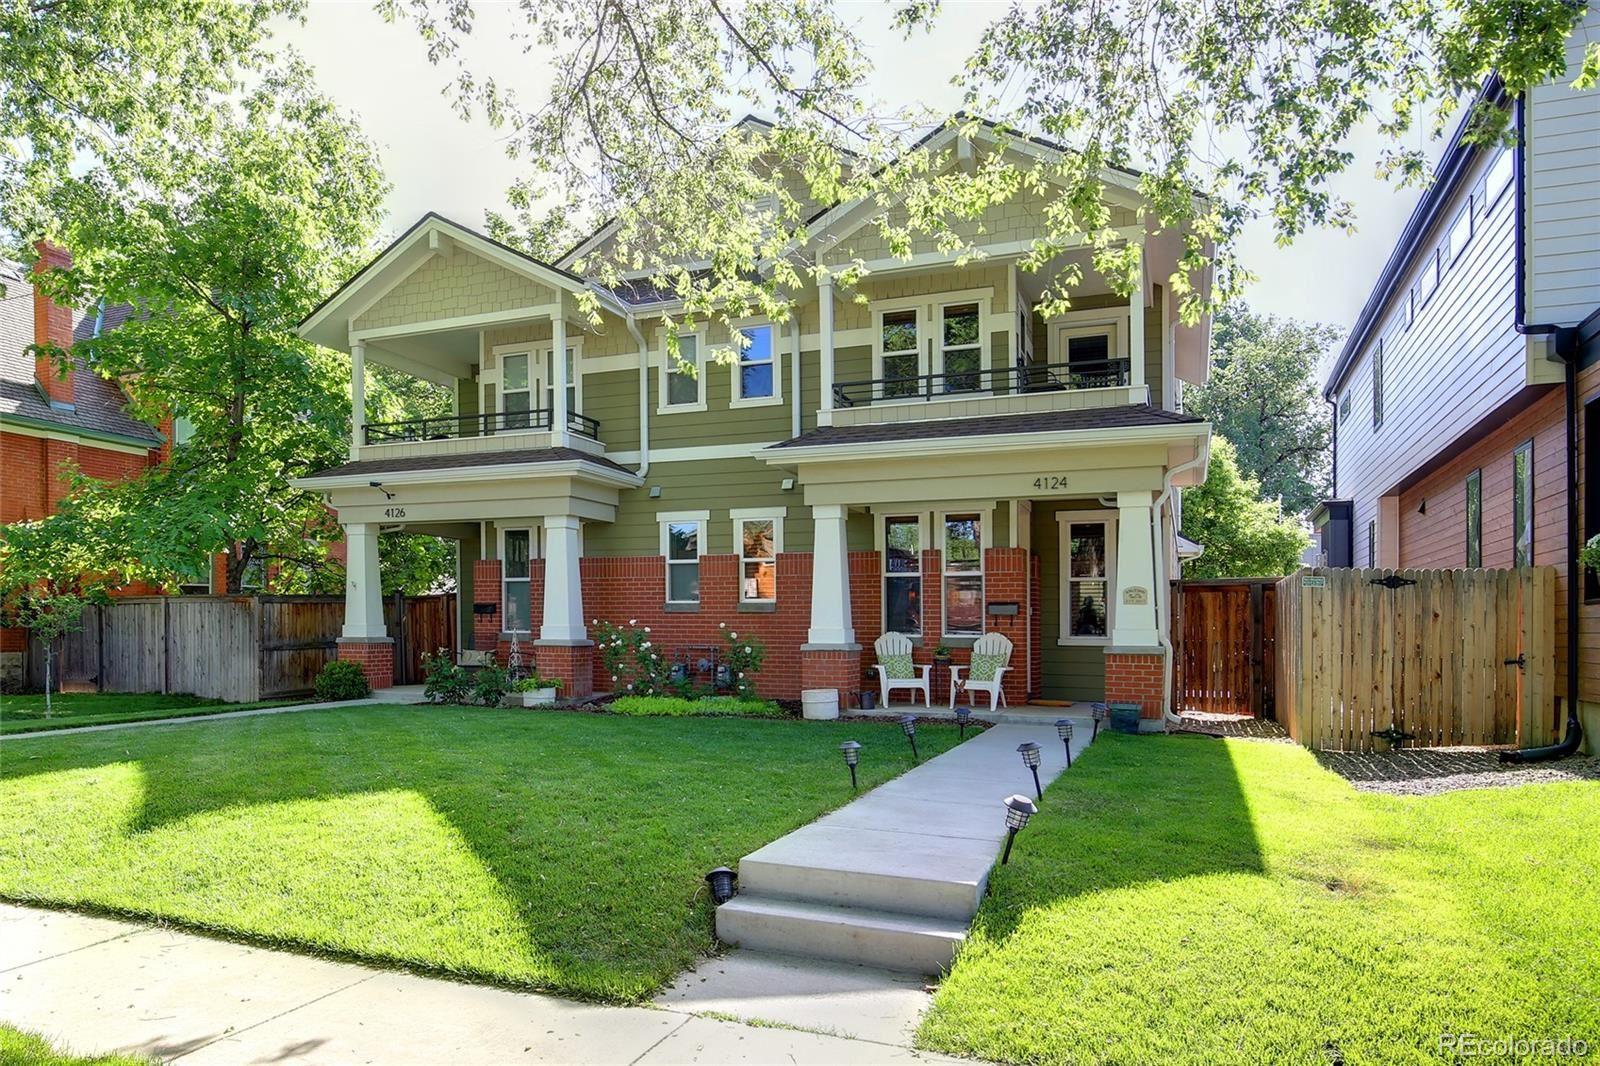 4124 N Raleigh Street, Denver, CO 80212 - MLS#: 9110801